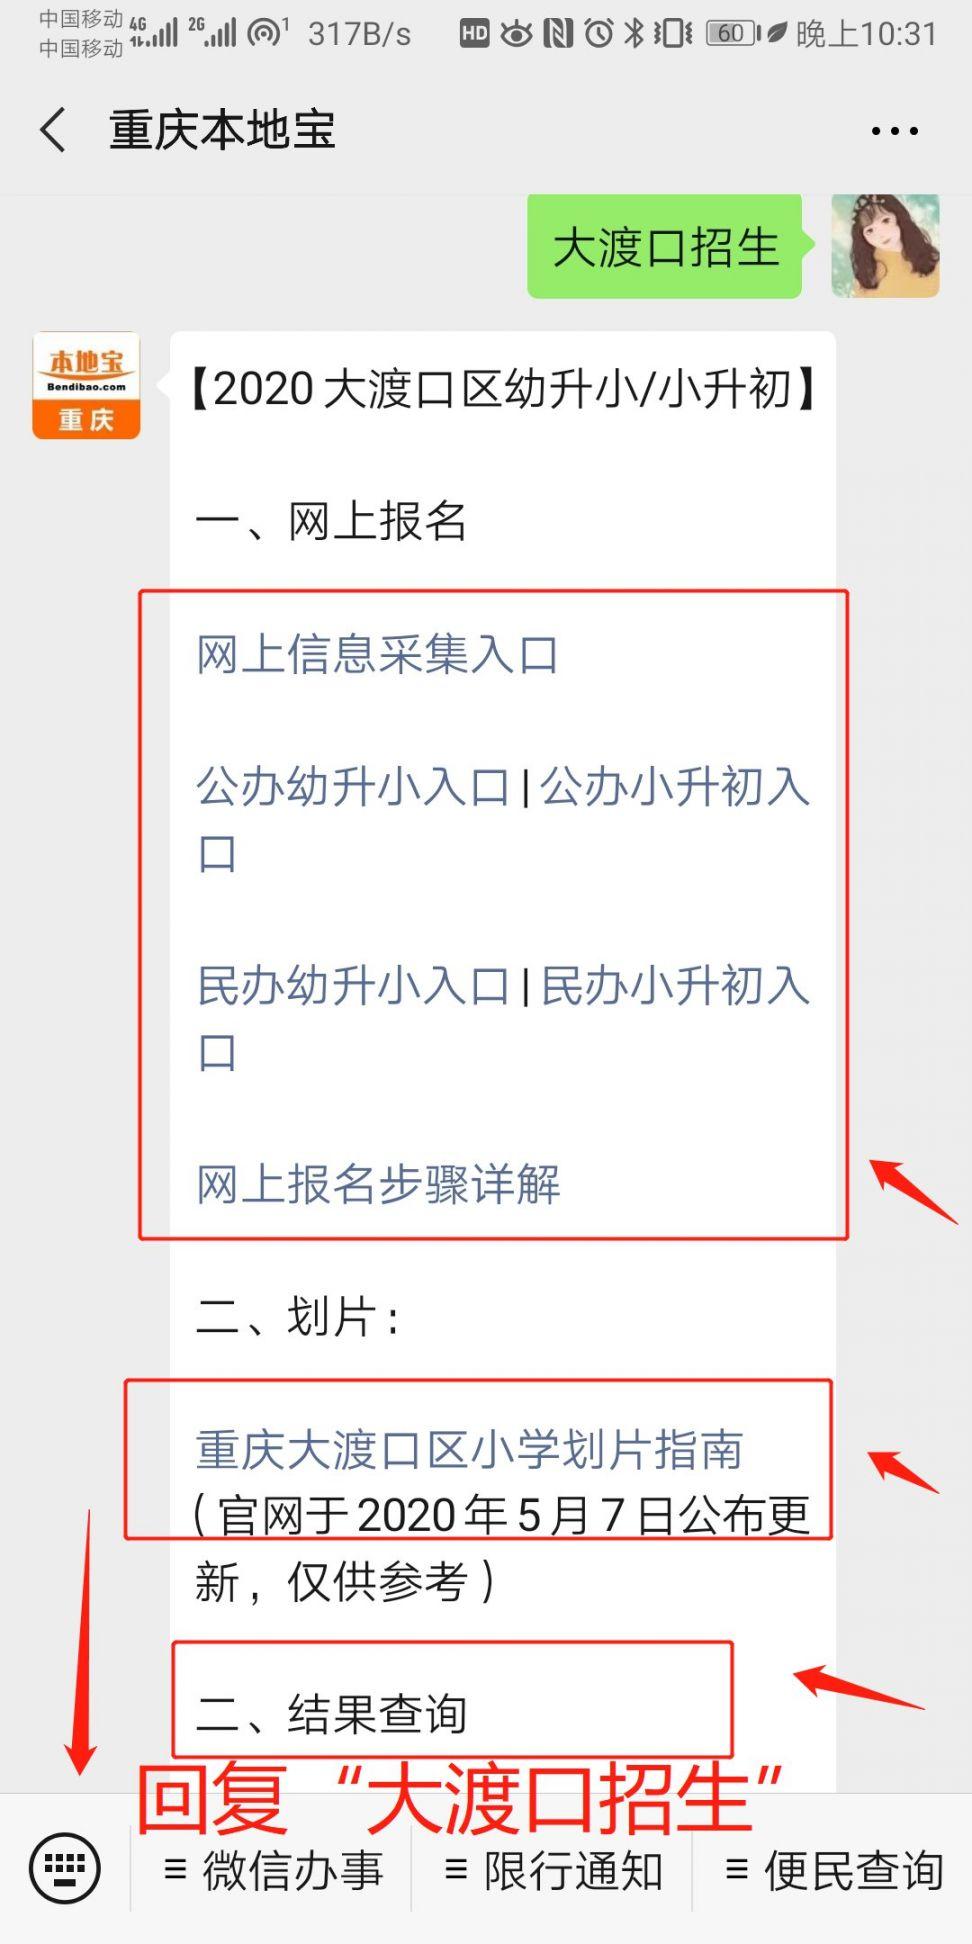 2020年重庆大渡口区小学划片指南